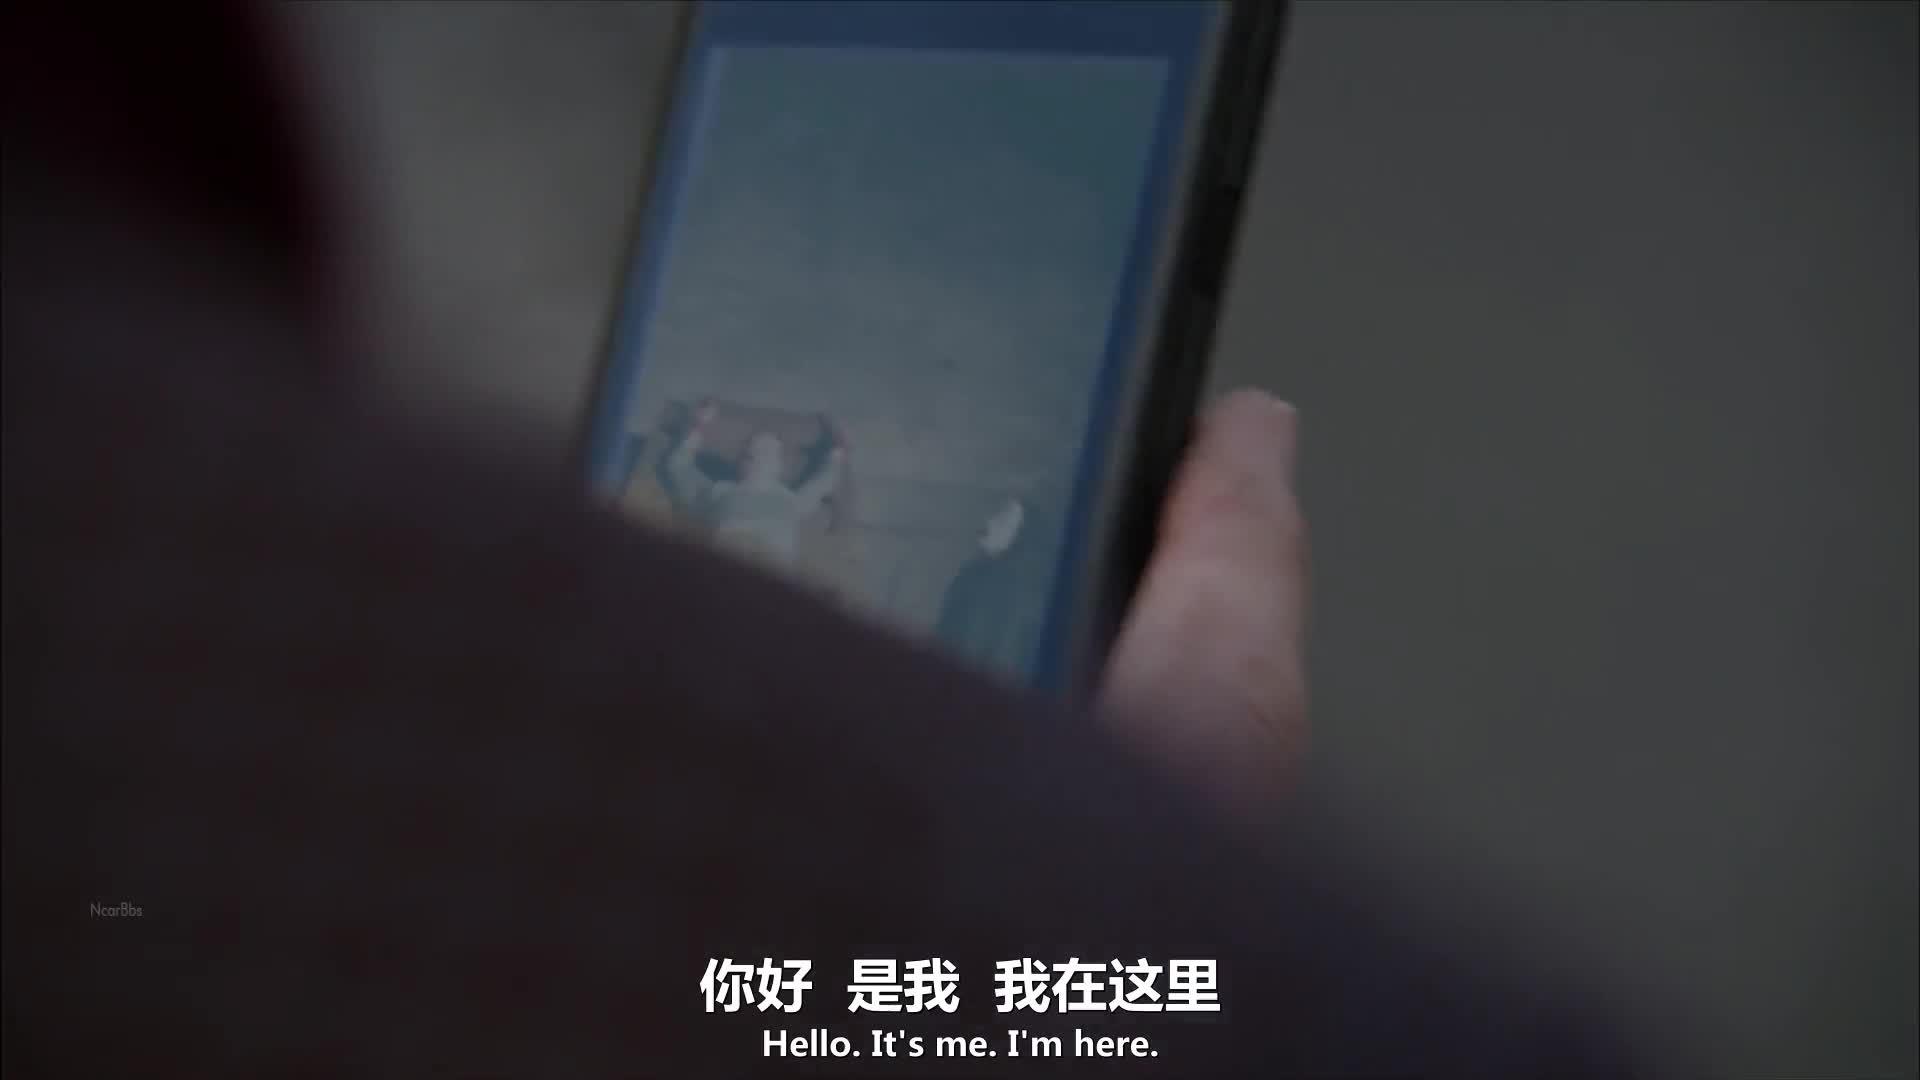 伊丽莎白奉命到德斯家了解情况,其父母在一小时前收到勒索视频